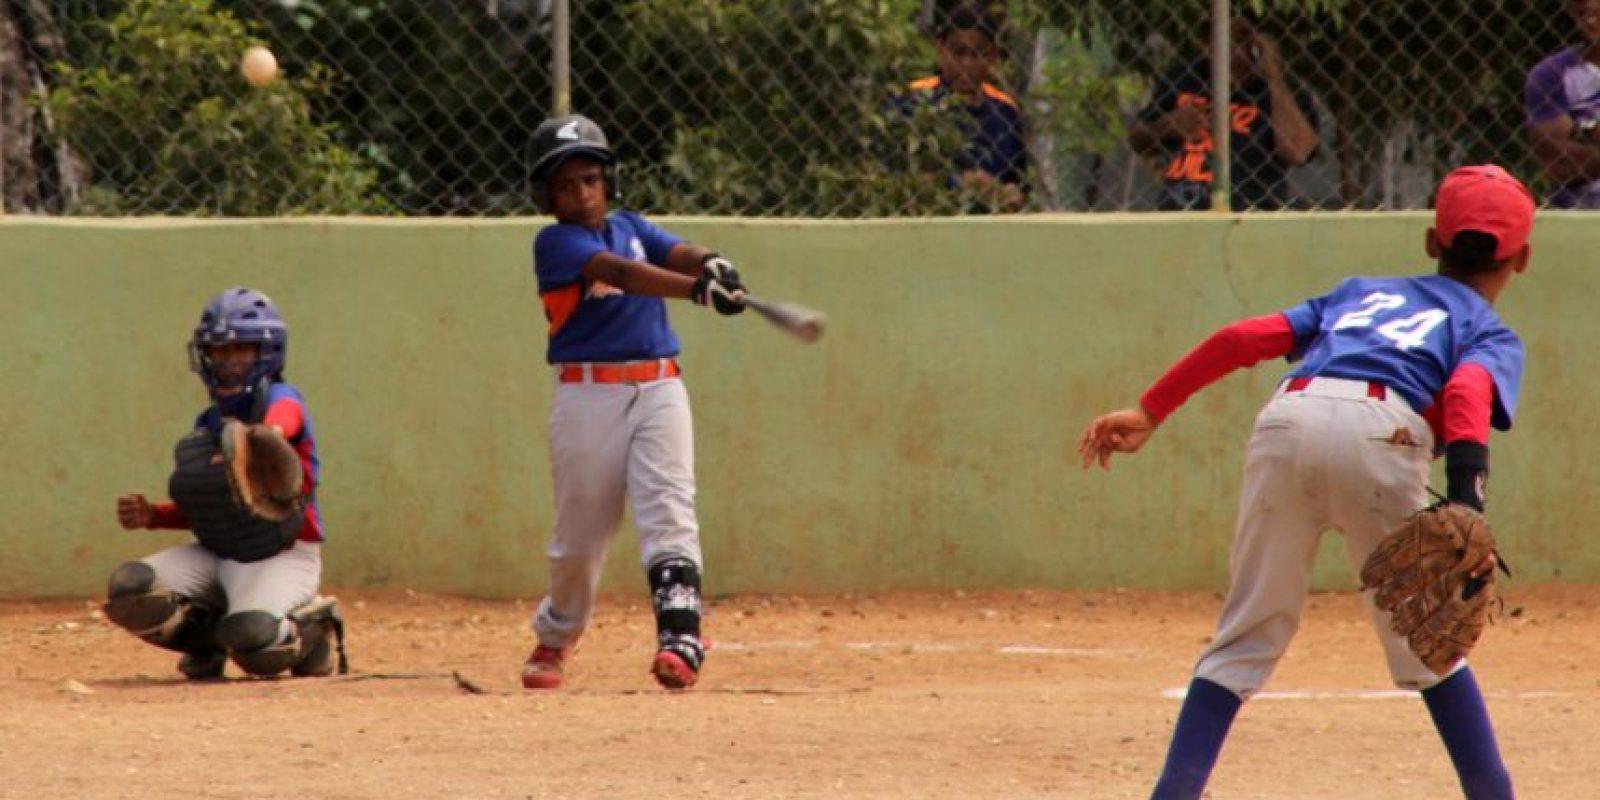 Acción del béisbol menor en el play San Jerónimo Foto:Fuente Externa